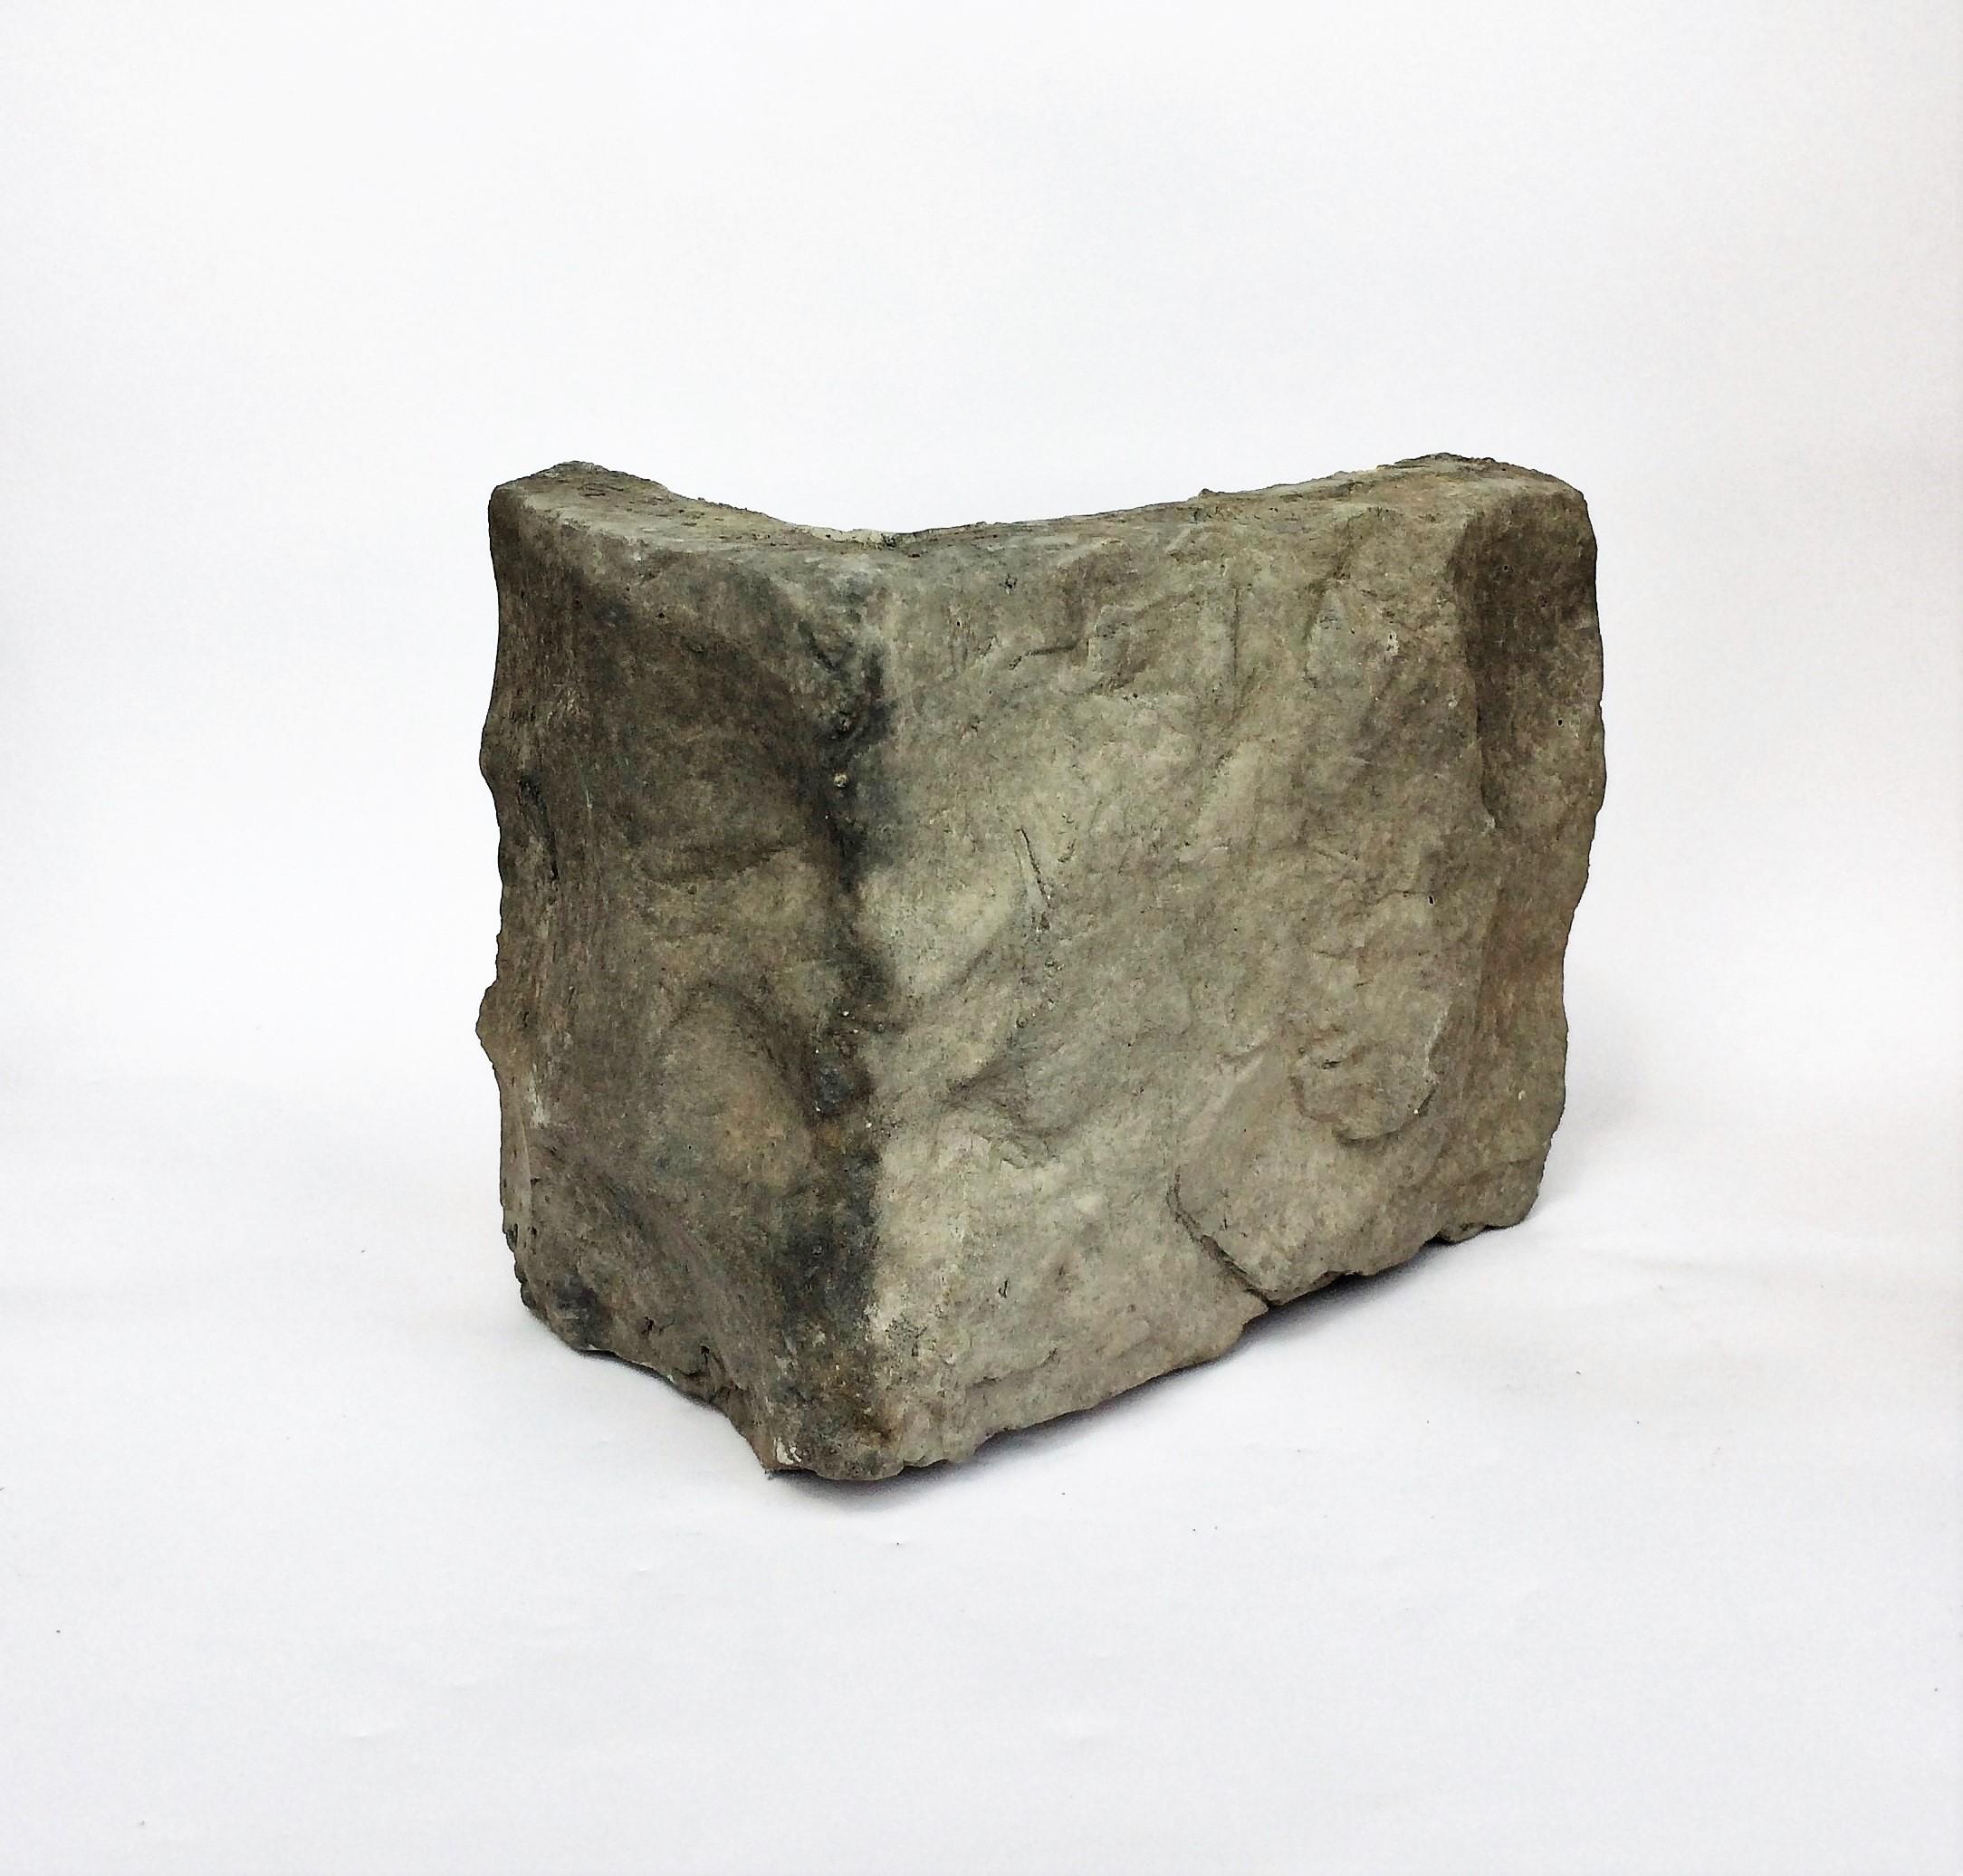 kámen umělý hradní zeď basalt, imitace kamene do interiéru, dekorační kámen, obkladový kámen,rohový prvek Hradní zeď Basalt 027